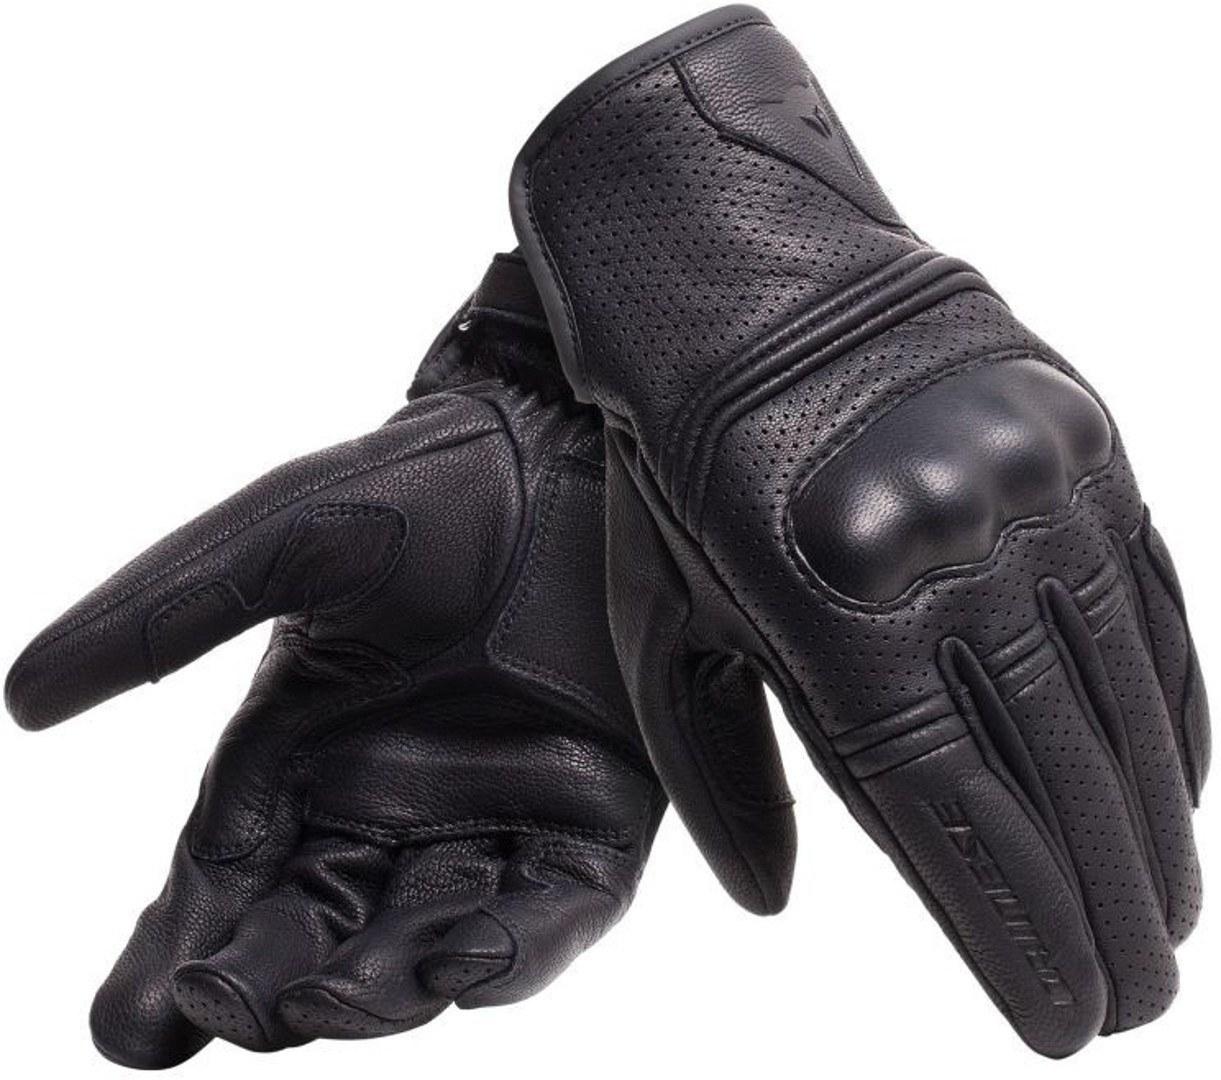 Dainese Corbin Air Unisex Motorradhandschuhe, schwarz, Größe S, schwarz, Größe S